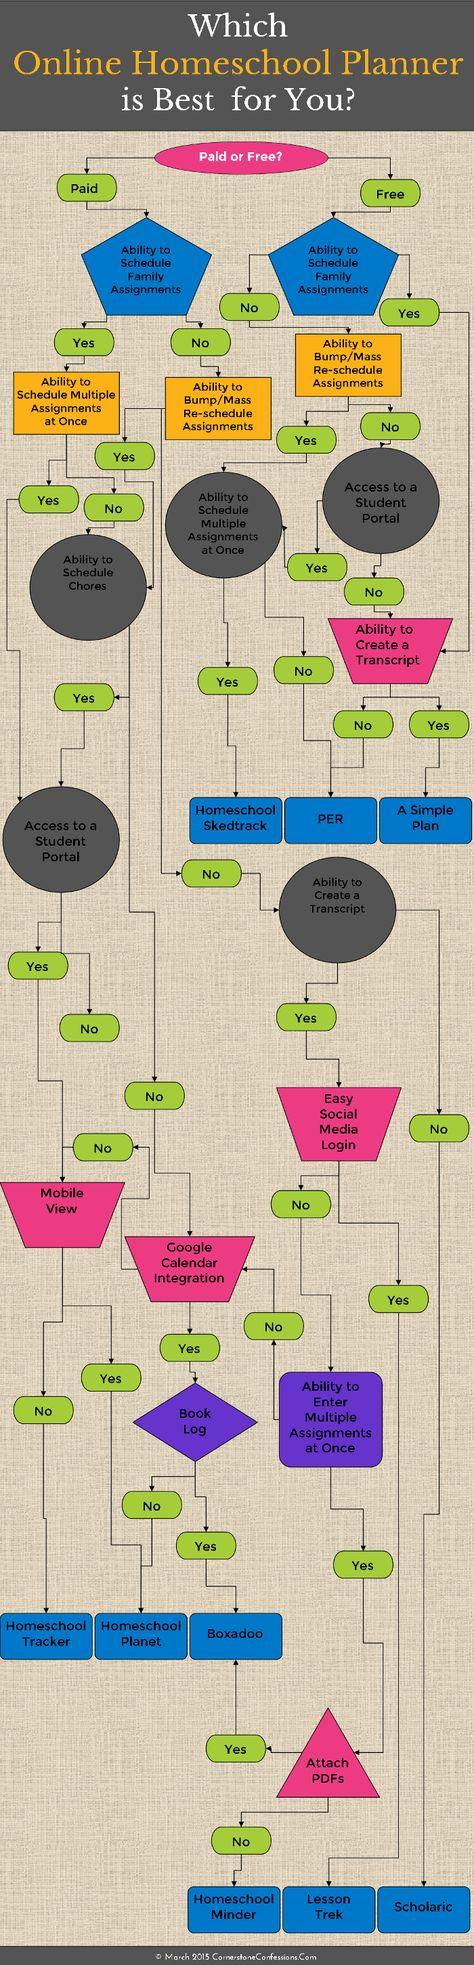 What is the Best Online Homeschool Planner?